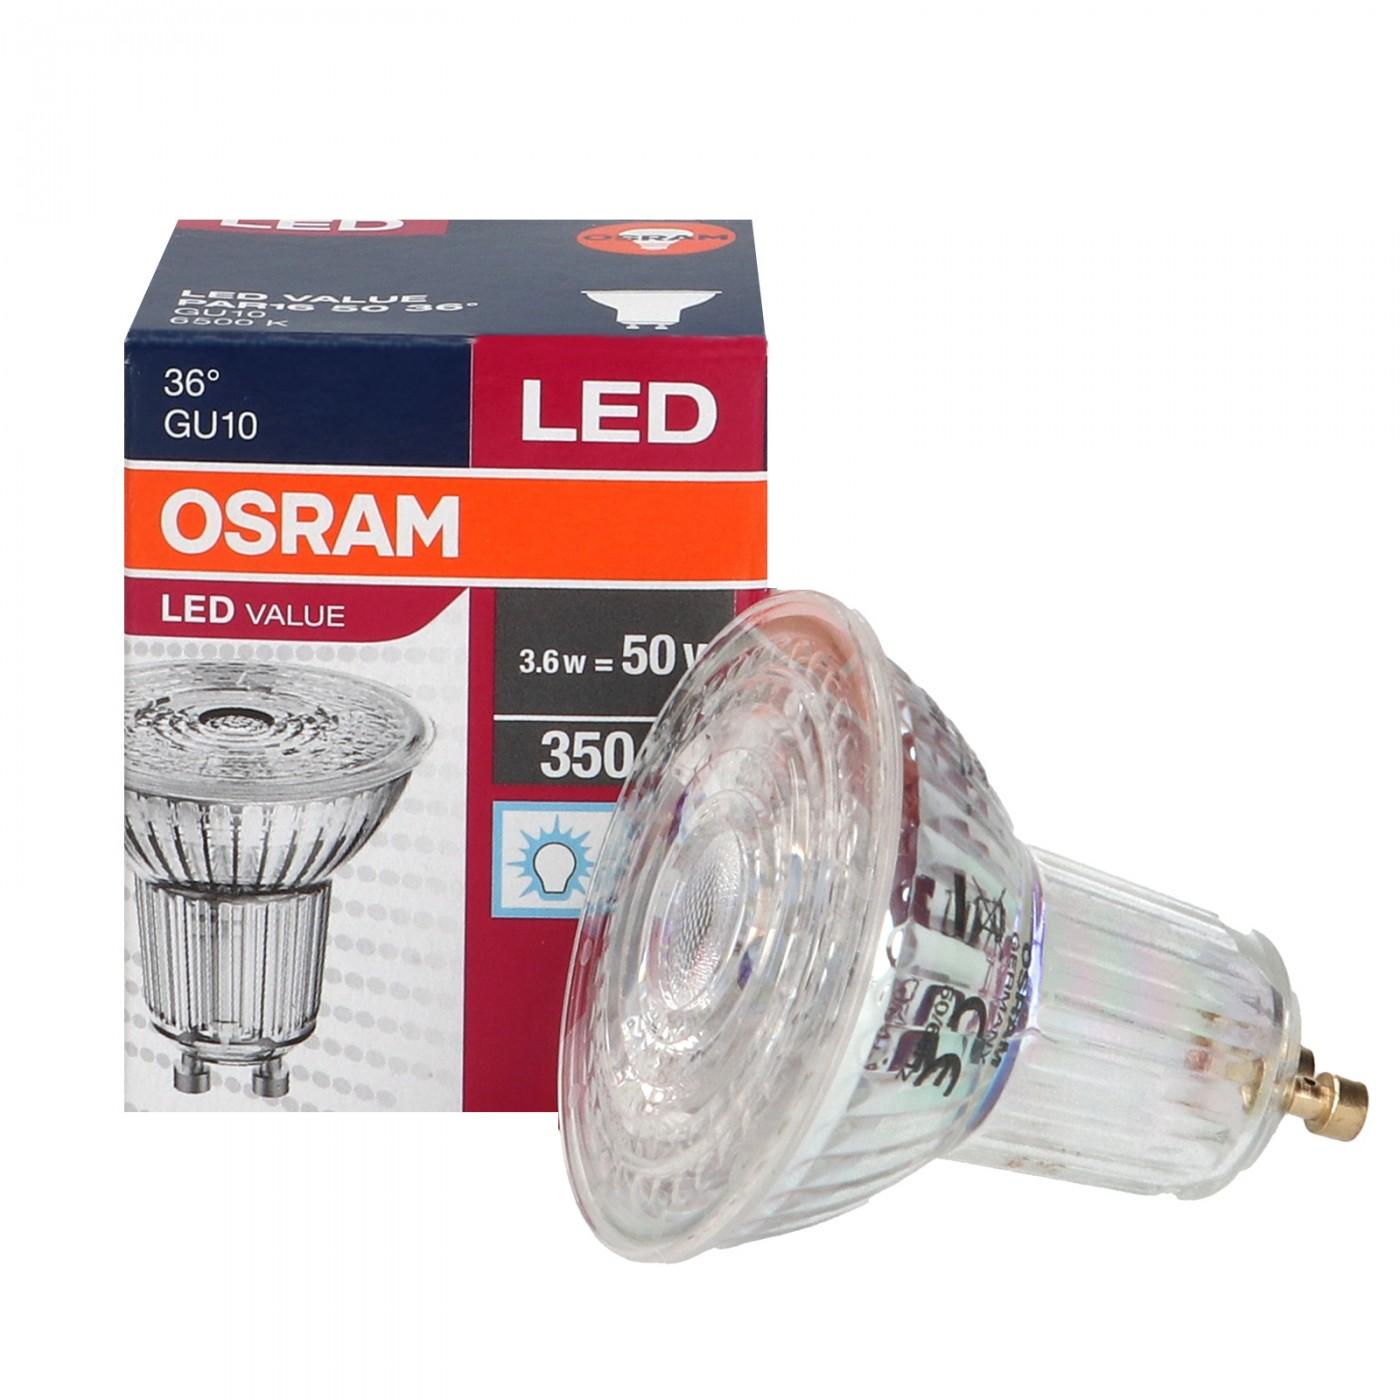 LED GU10 3.6W Par16 6500K 36 OSRAM